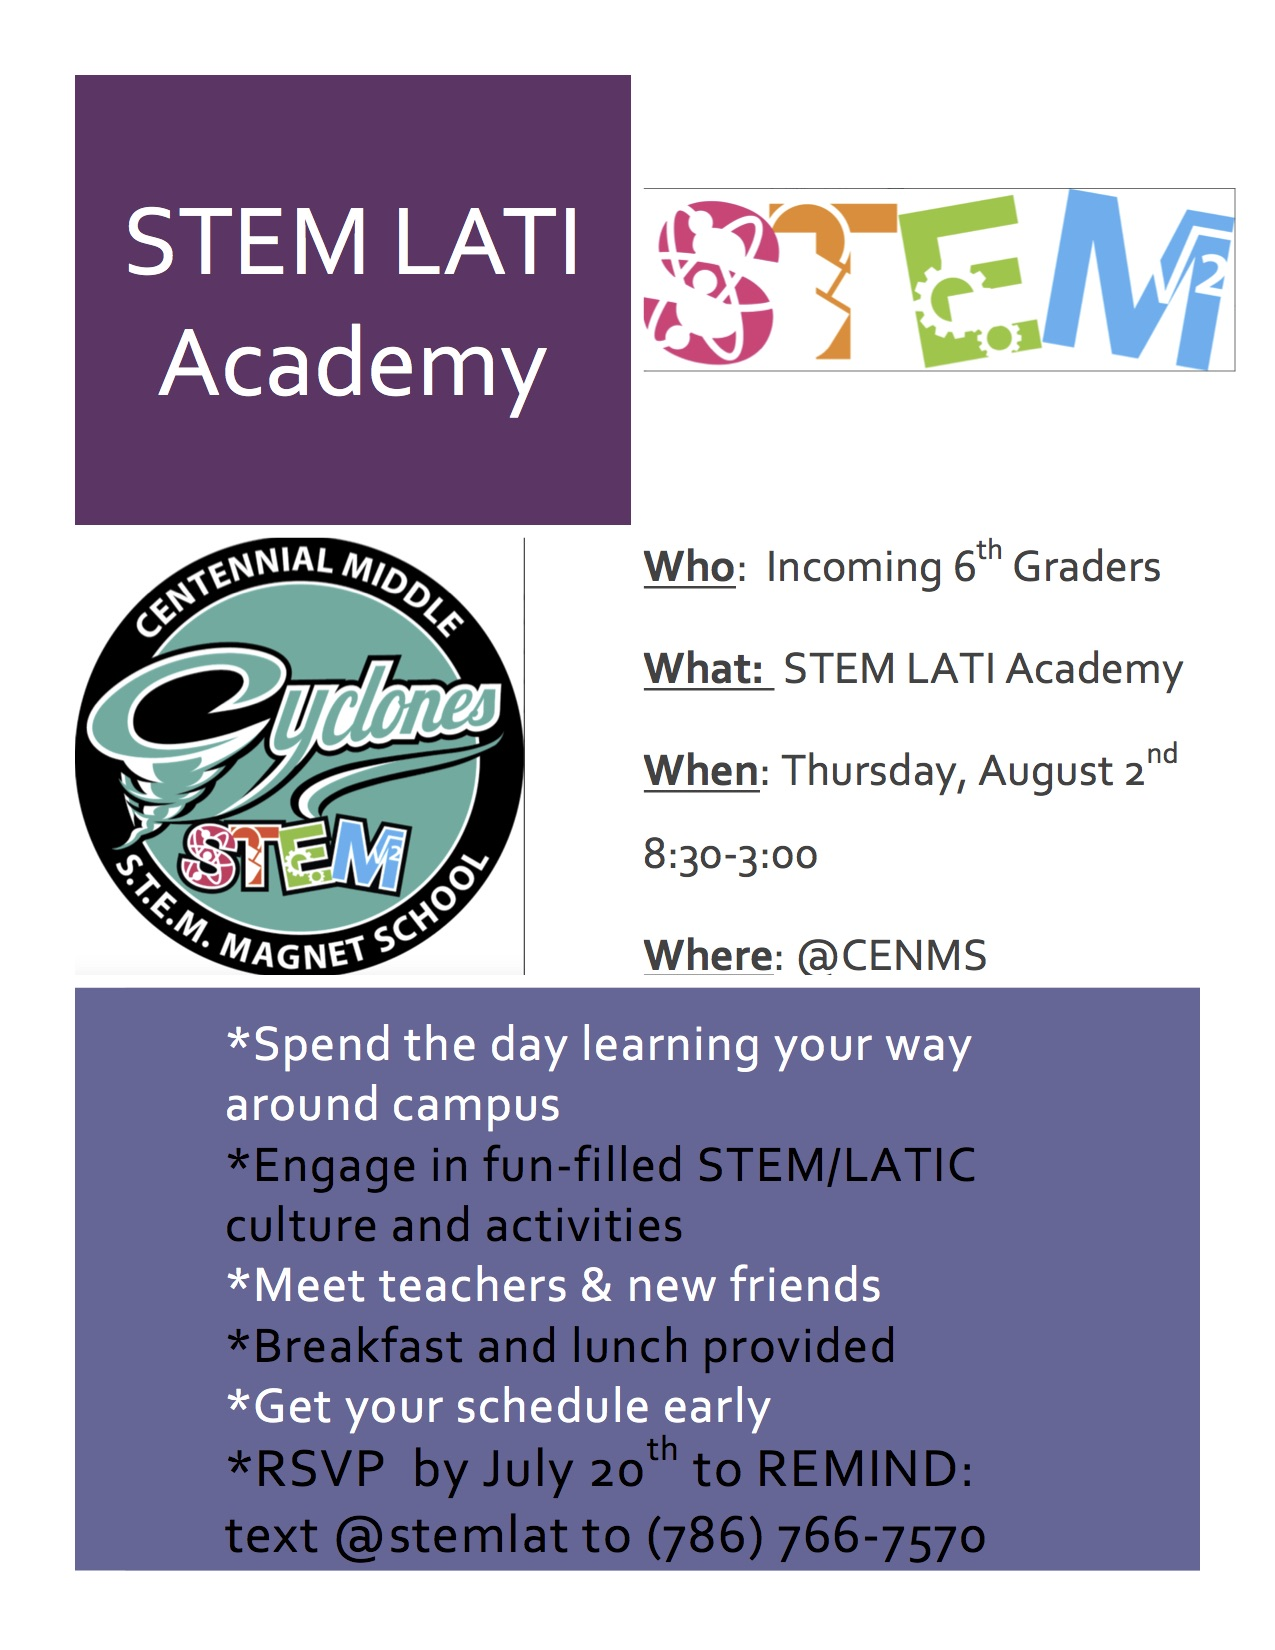 LATI STEM Academy